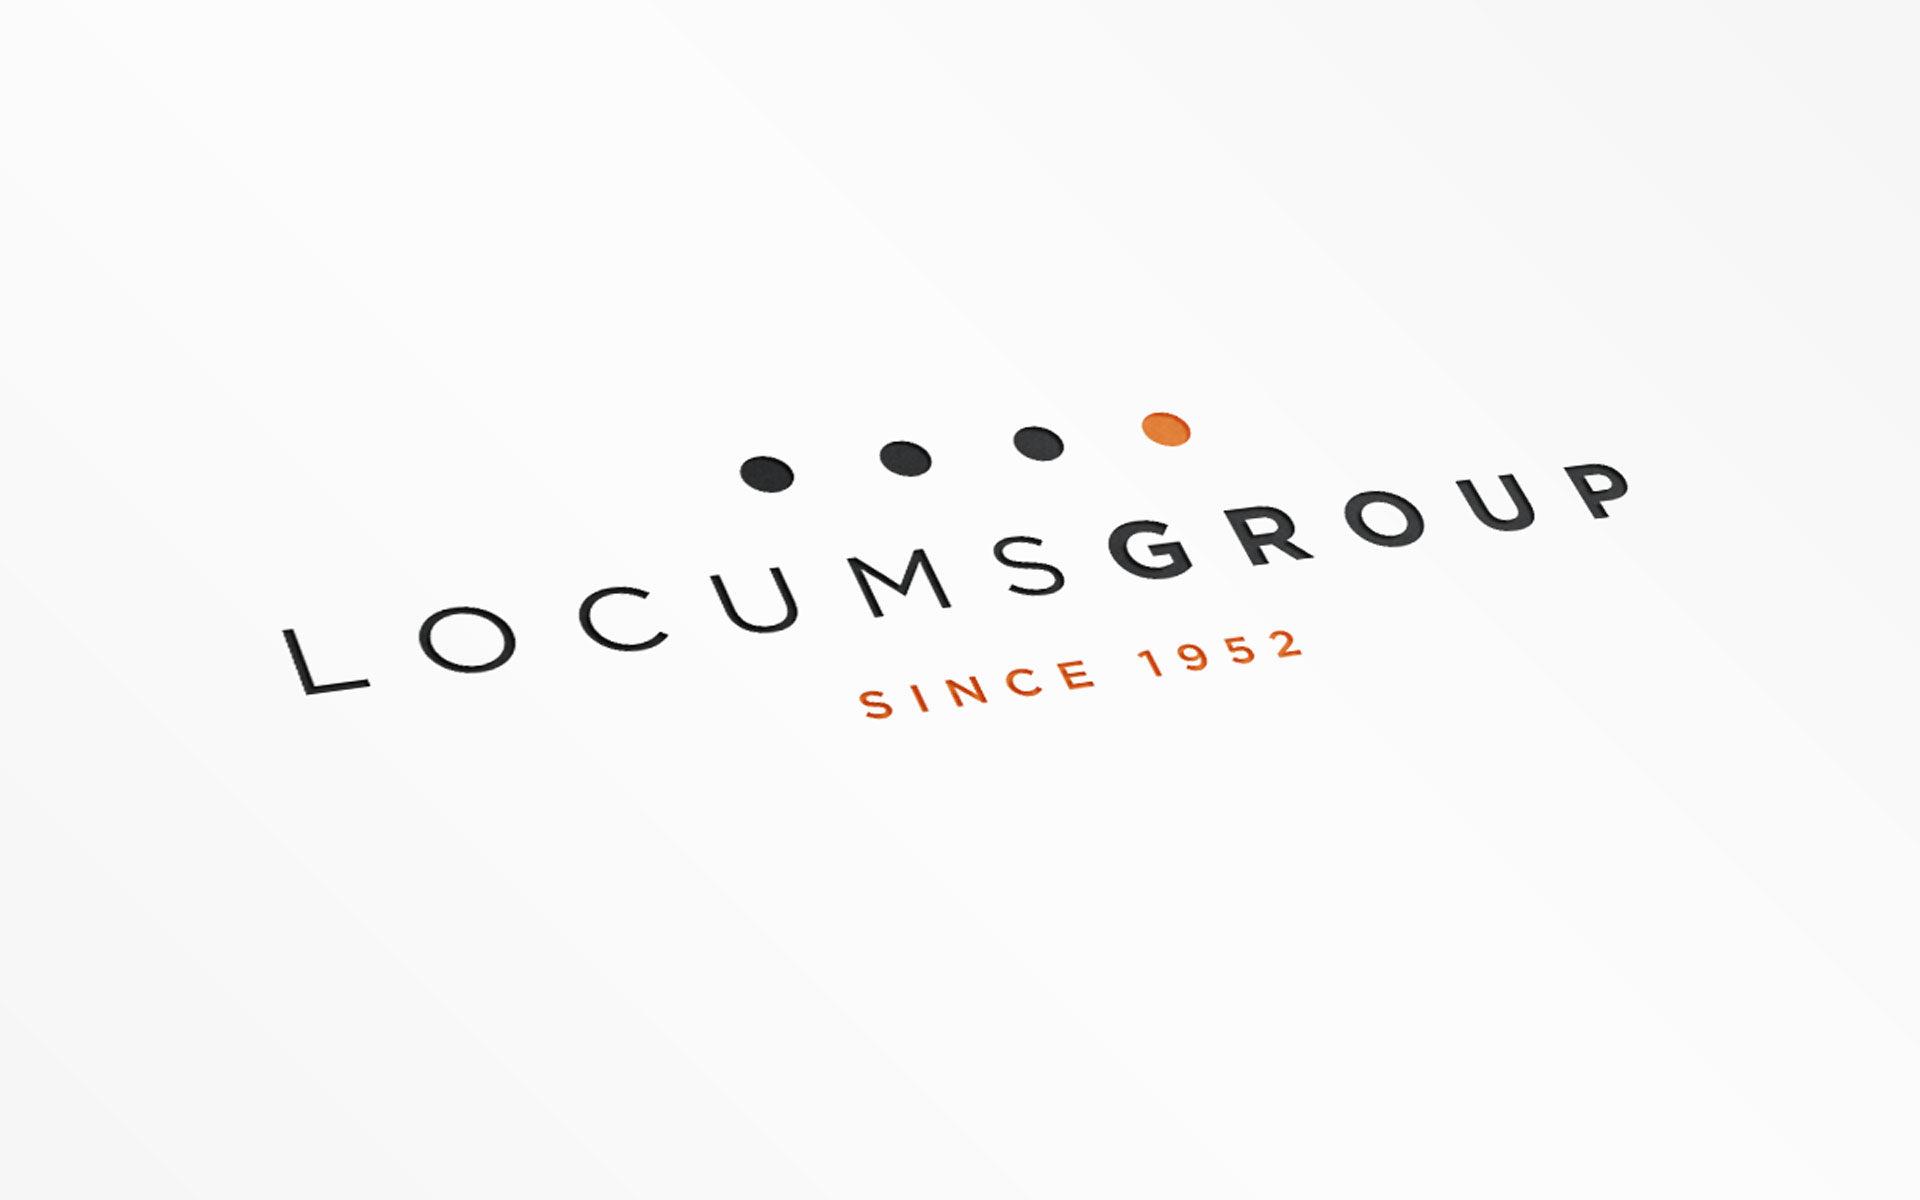 Branding Design Agency